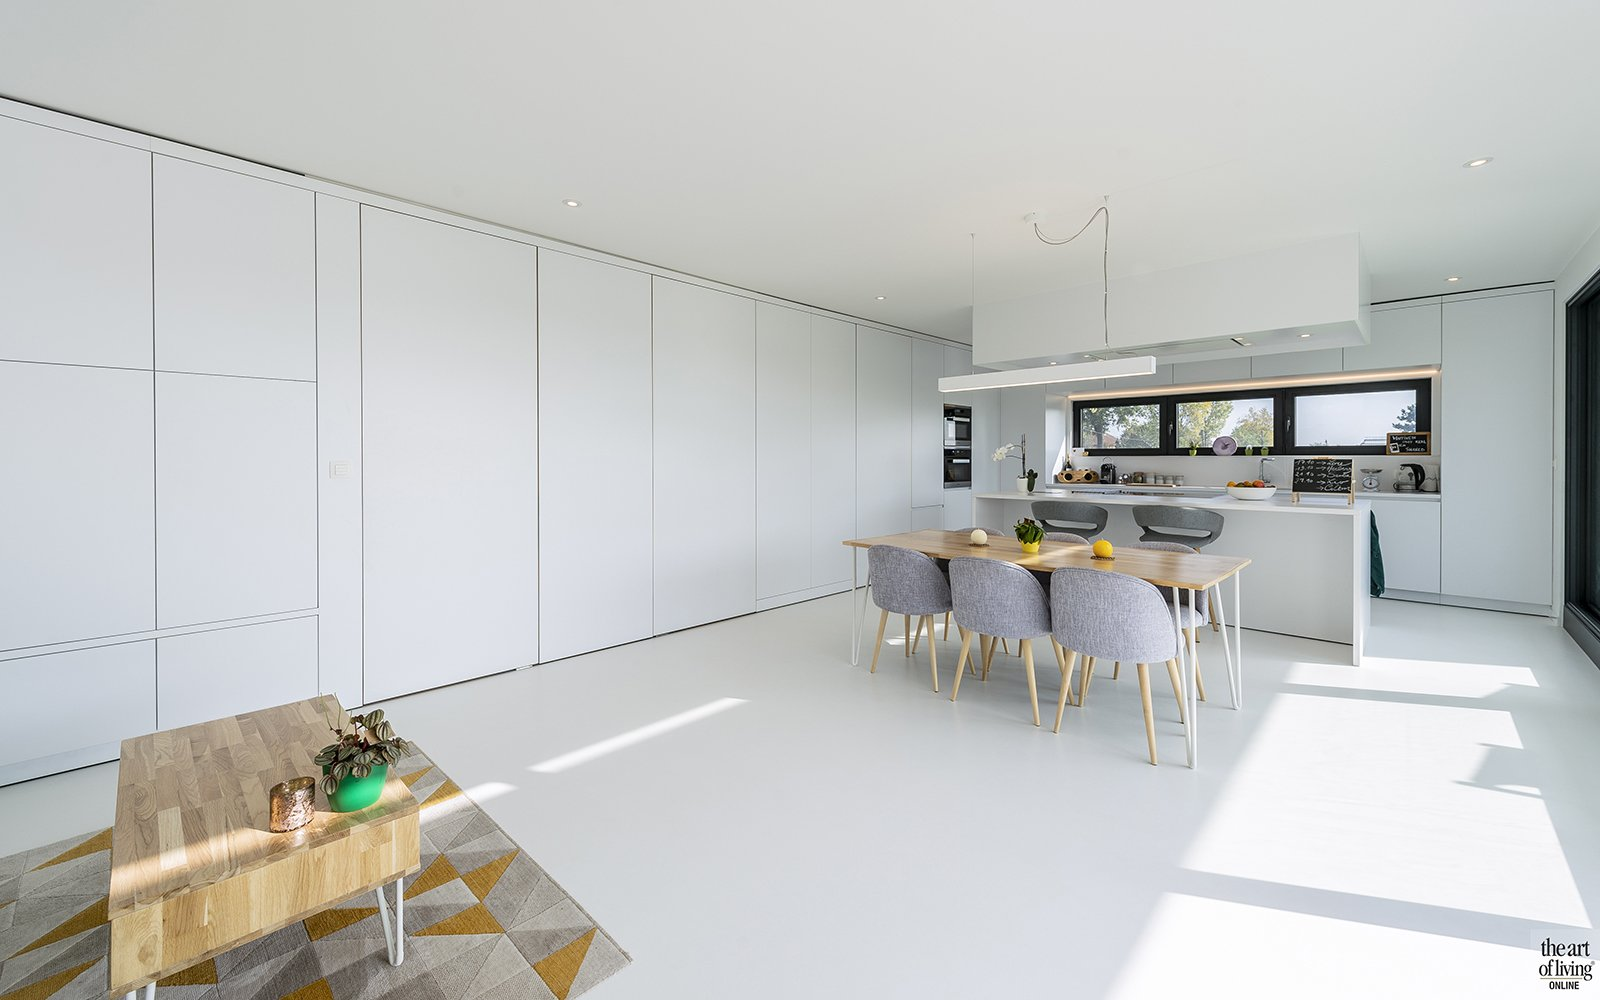 Kantoor aan huis, P_2 Architecten, Moderne villa, Strak interieur, Modern interieur, Praktijk aan huis, Plastische chirurg, Plastic Art, Keuken, Woonkamer,